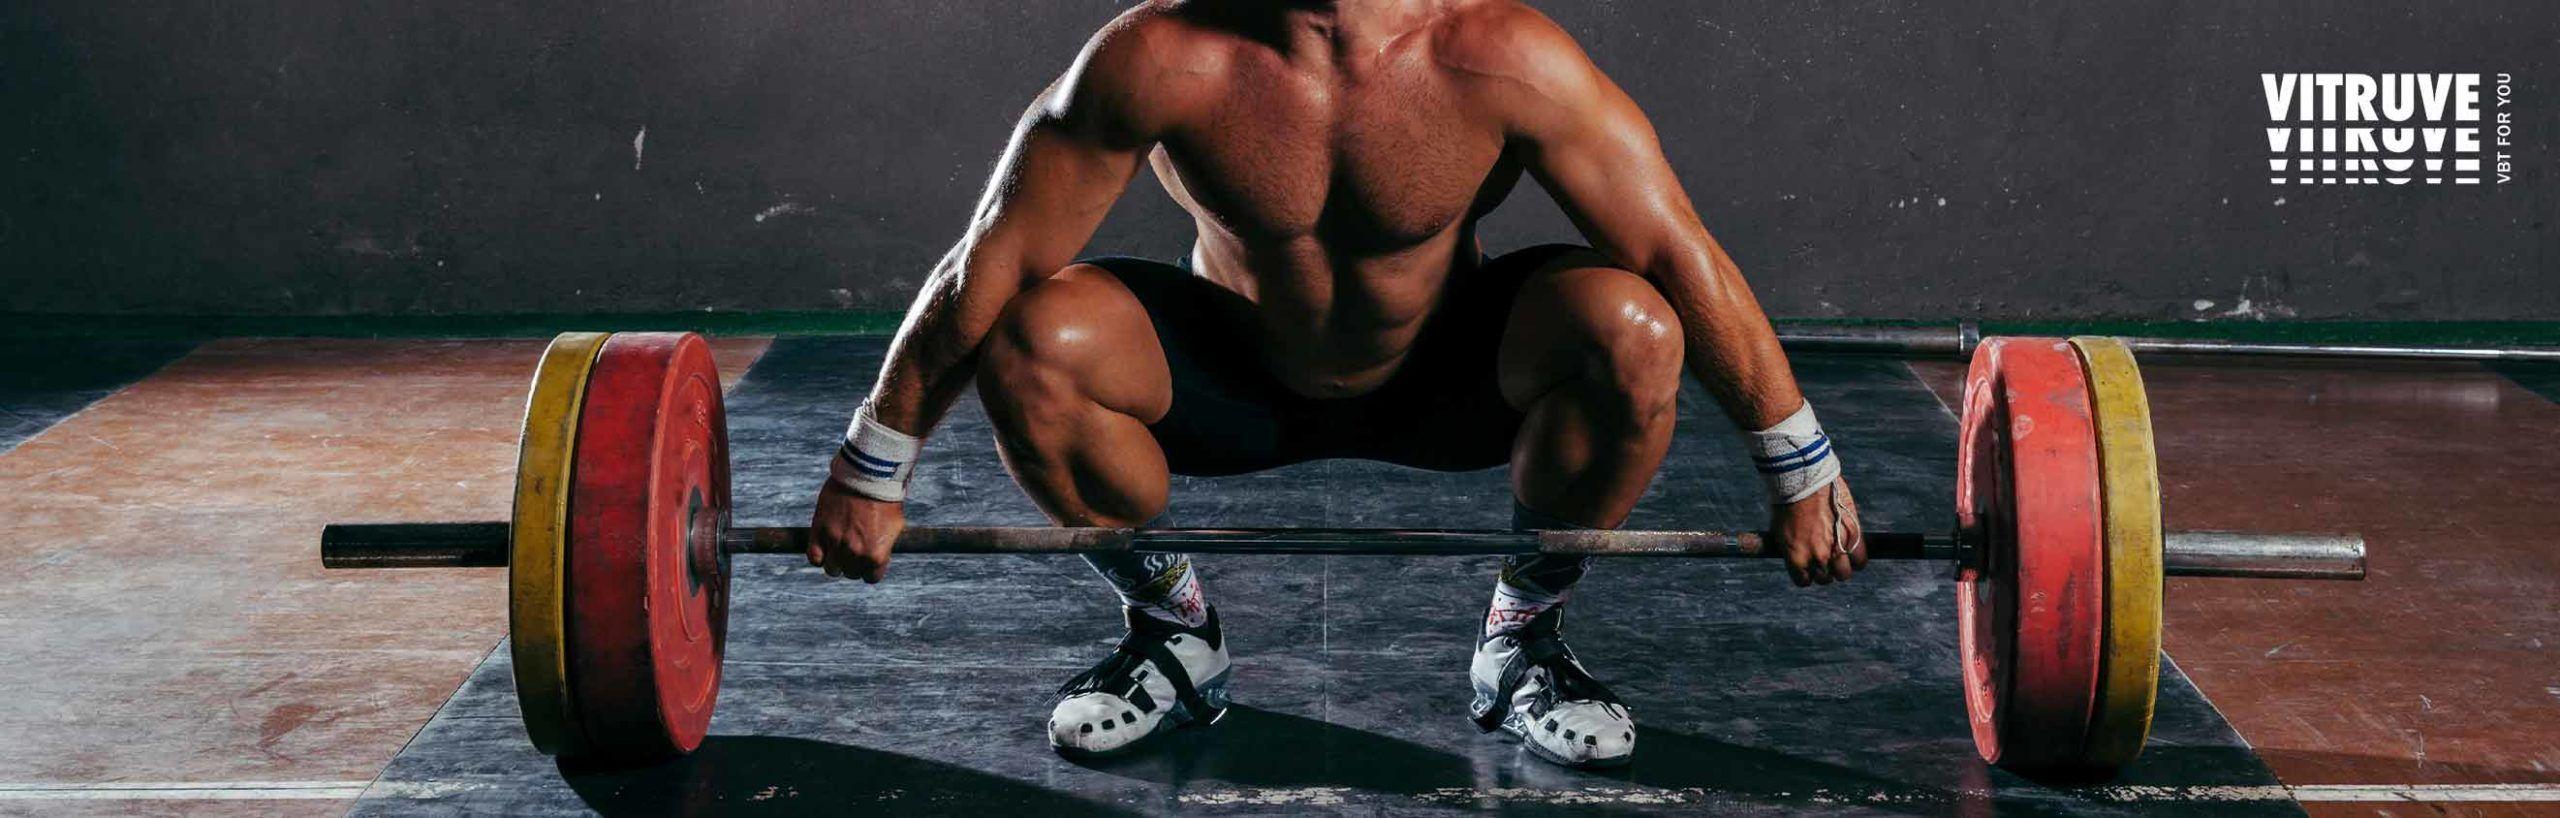 medicion de ejercicios de fuerza